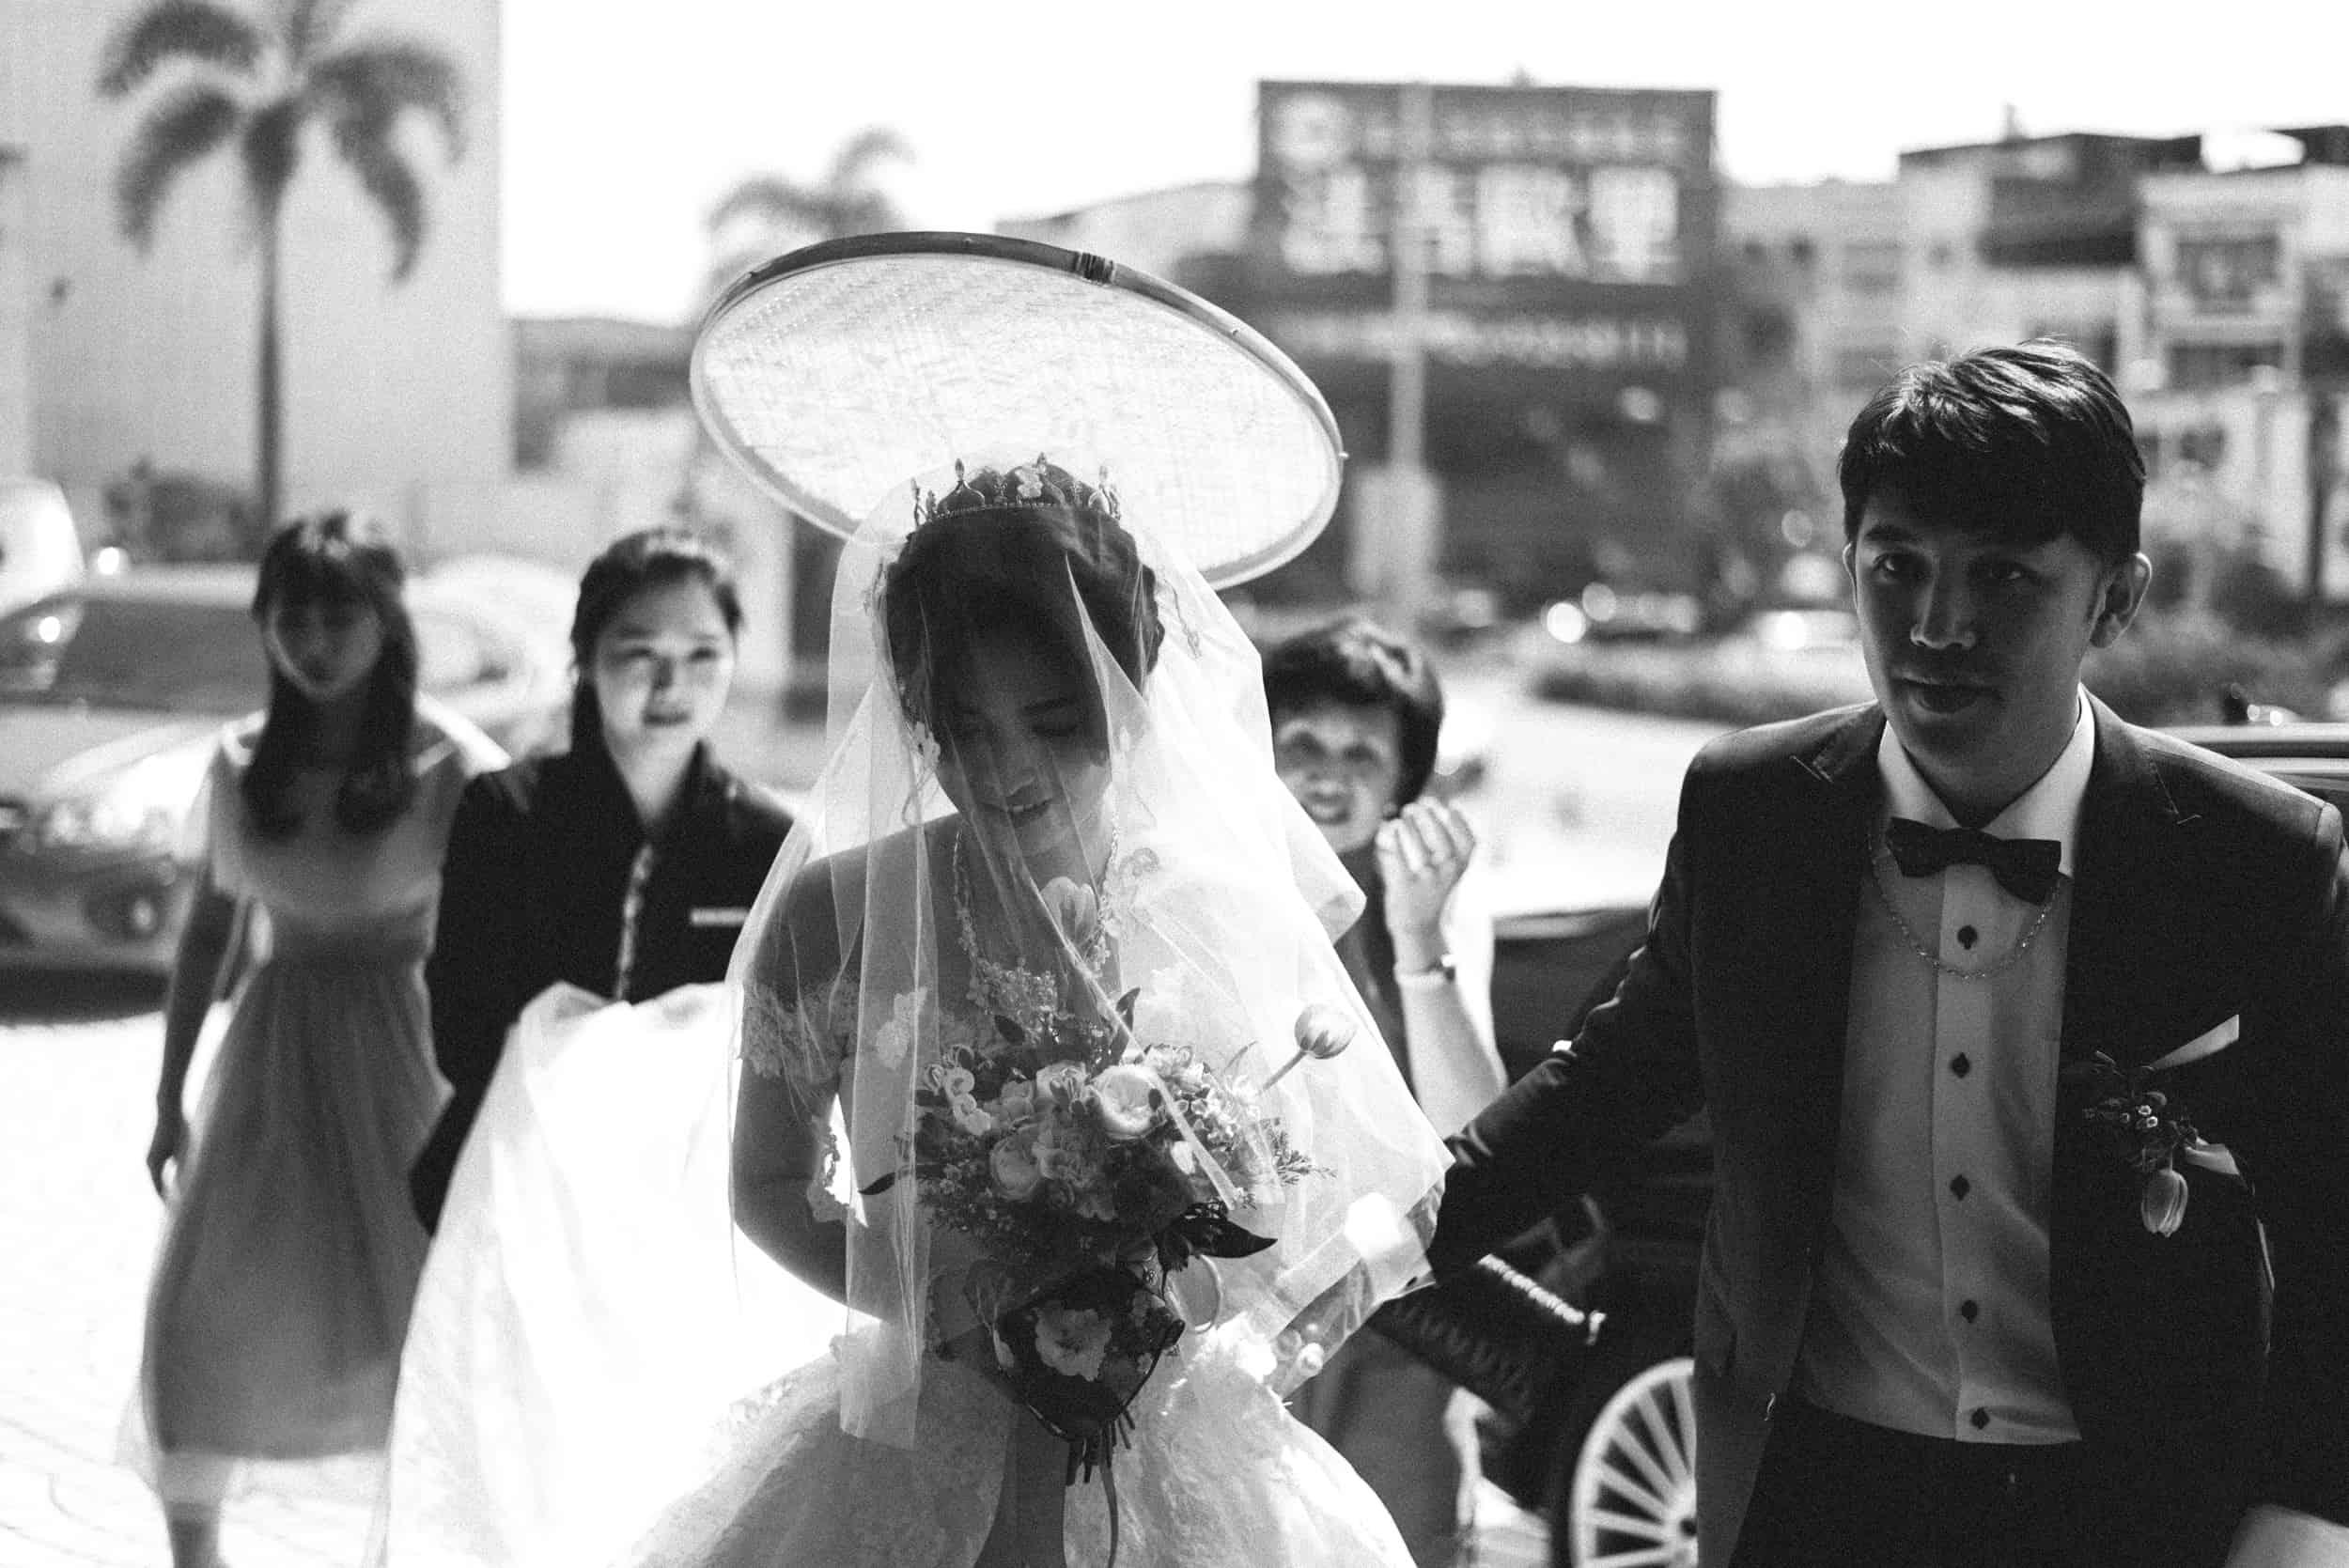 三宇影像,阿三,雙主攝,雙人雙機,婚禮記錄,婚攝,新娘物語,推薦,宜蘭婚攝,北部婚攝,宜蘭晶英酒店,自宅儀式,類婚紗,